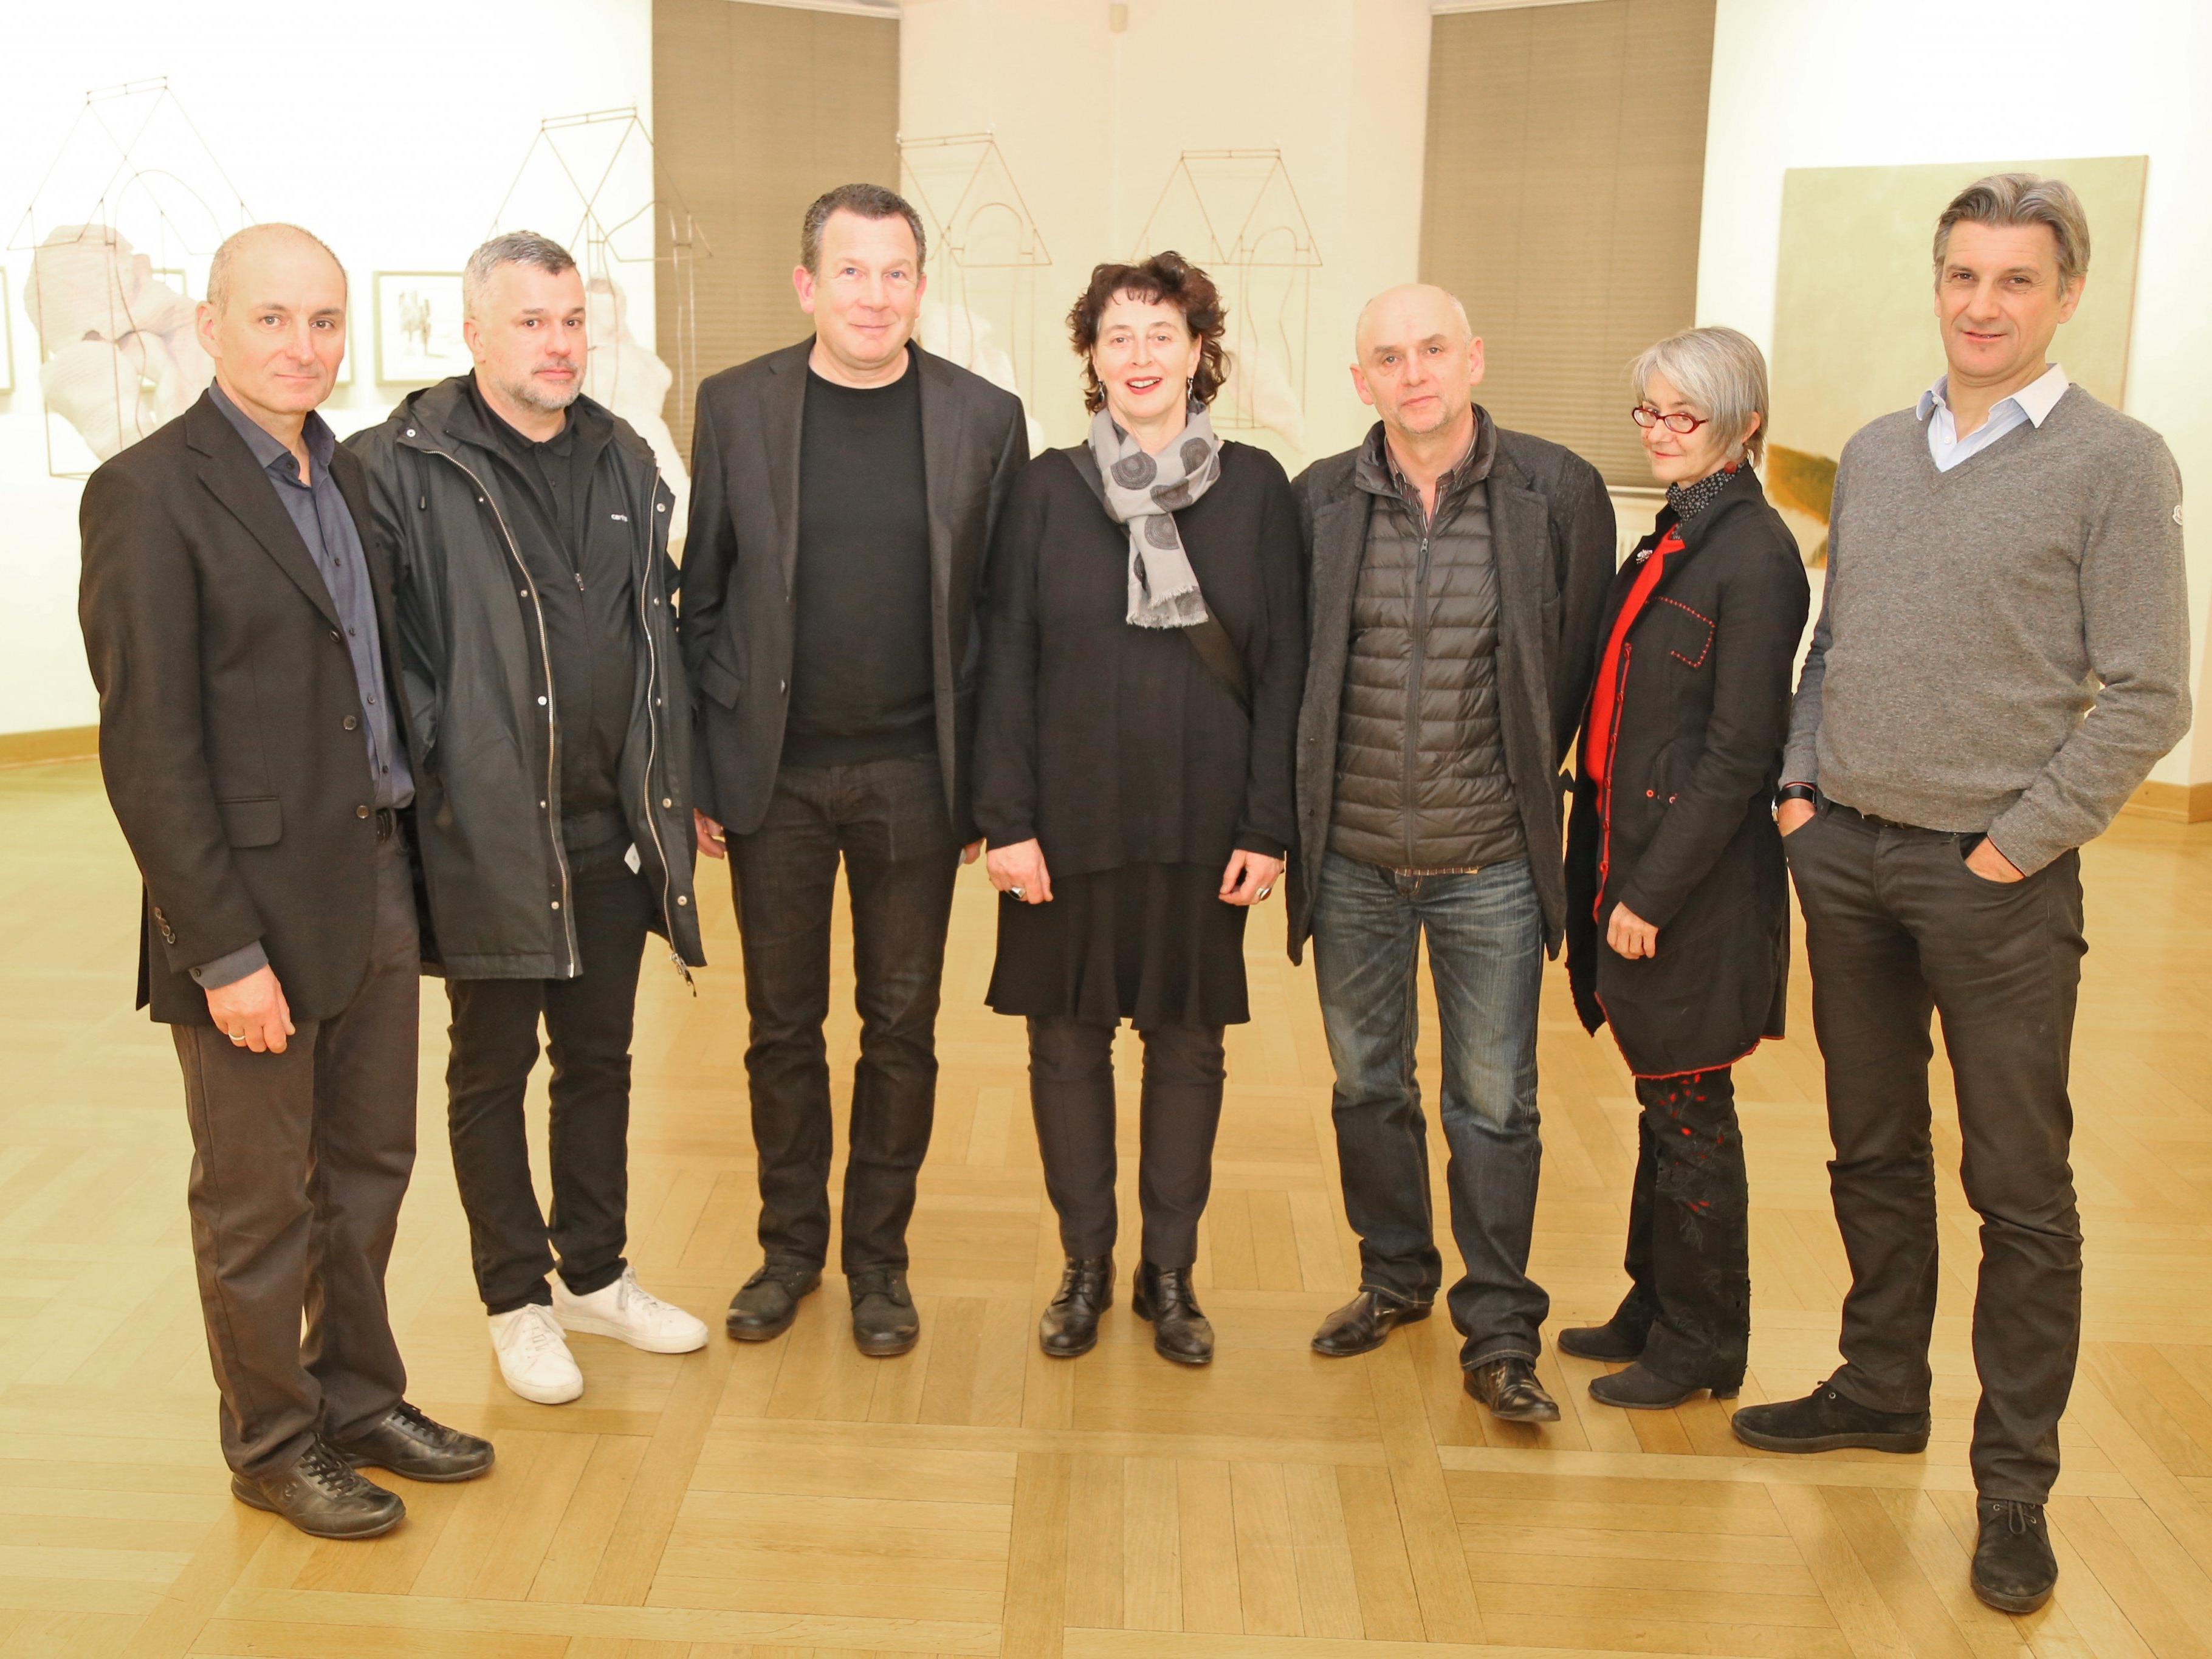 Die Künstler mit den Kuratoren und Vernissage-Rednern.